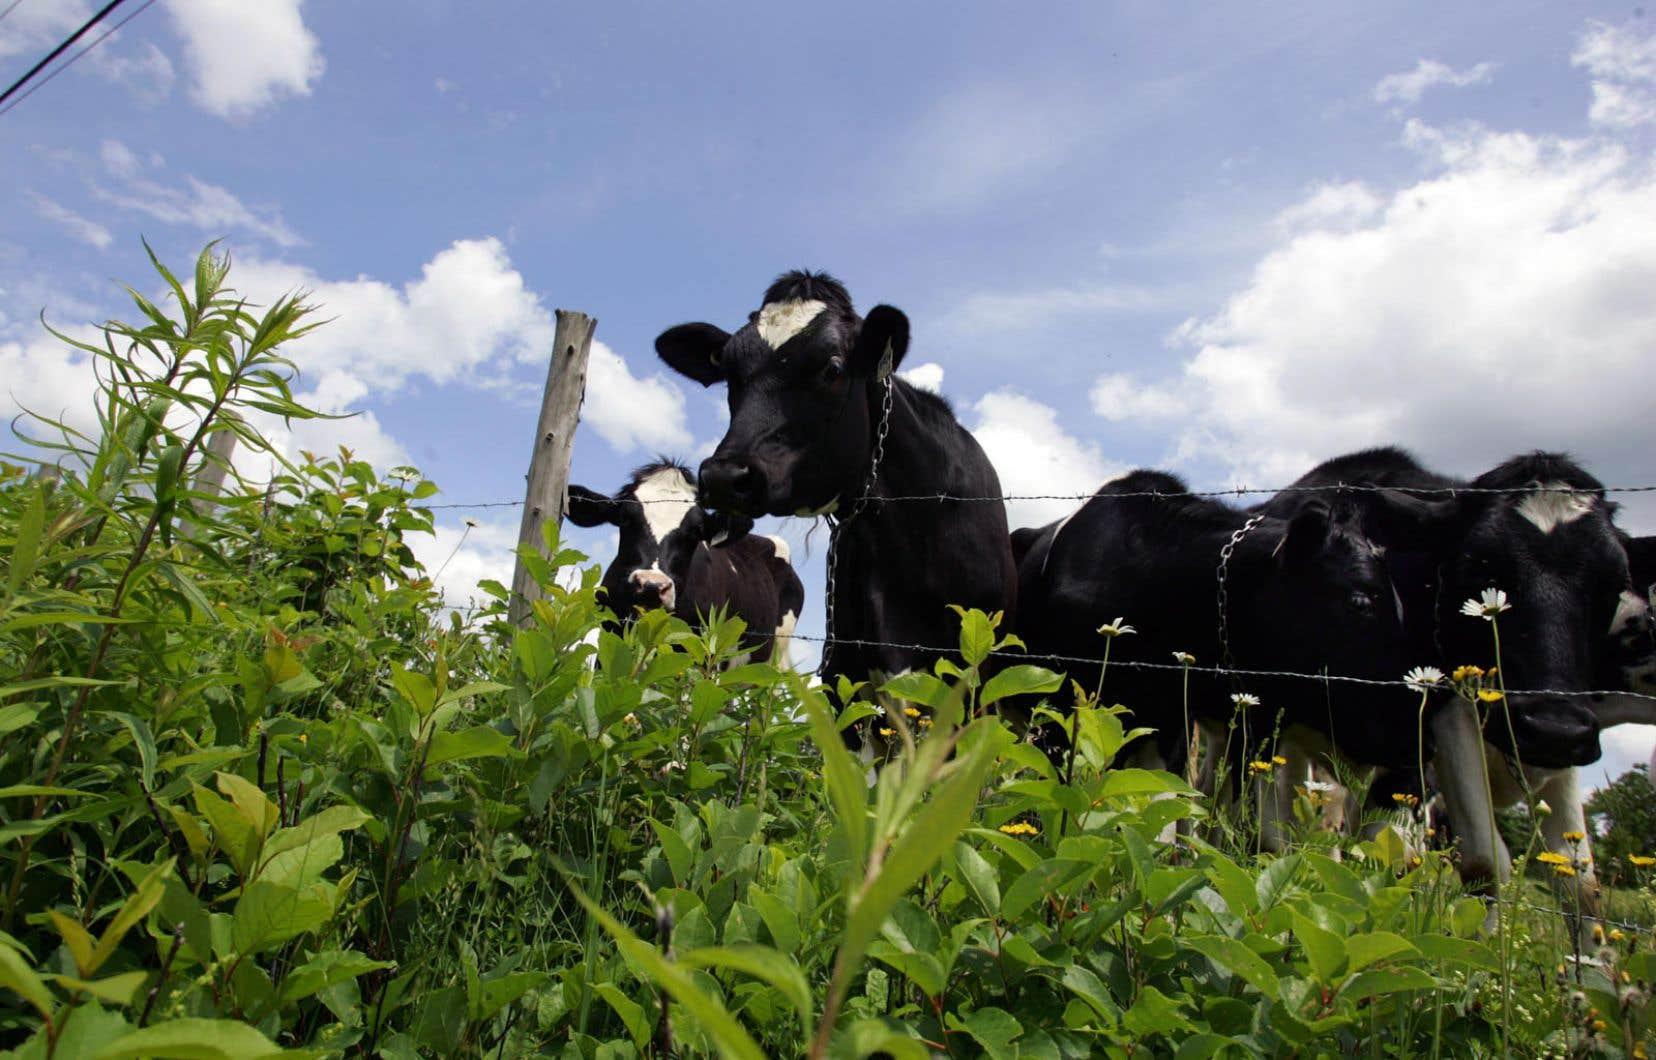 «Les aliments voyagent beaucoup entre la ferme et l'assiette. Pas étonnant qu'une partie de la population agricole perde de vue que la terre est la ressource de base de la production», soulignent les autrices.